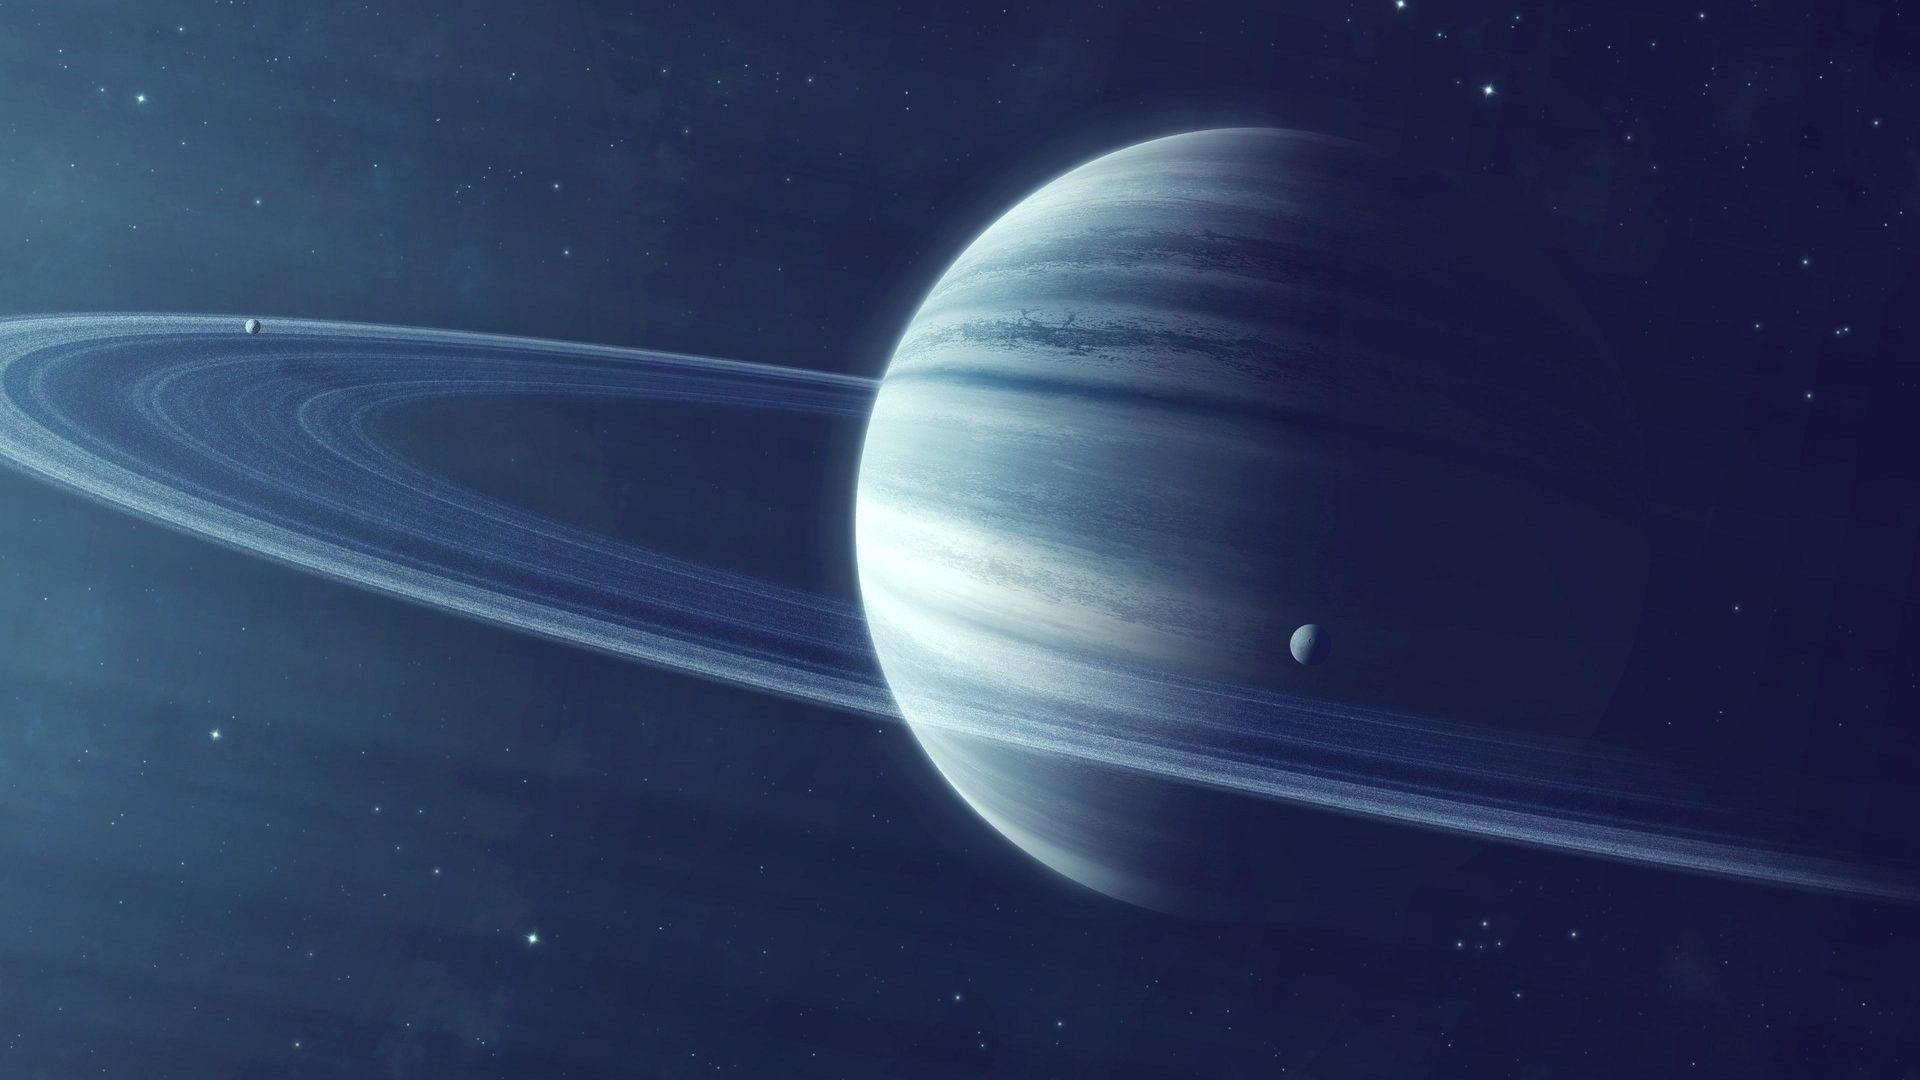 Saturn wallpaper image hd